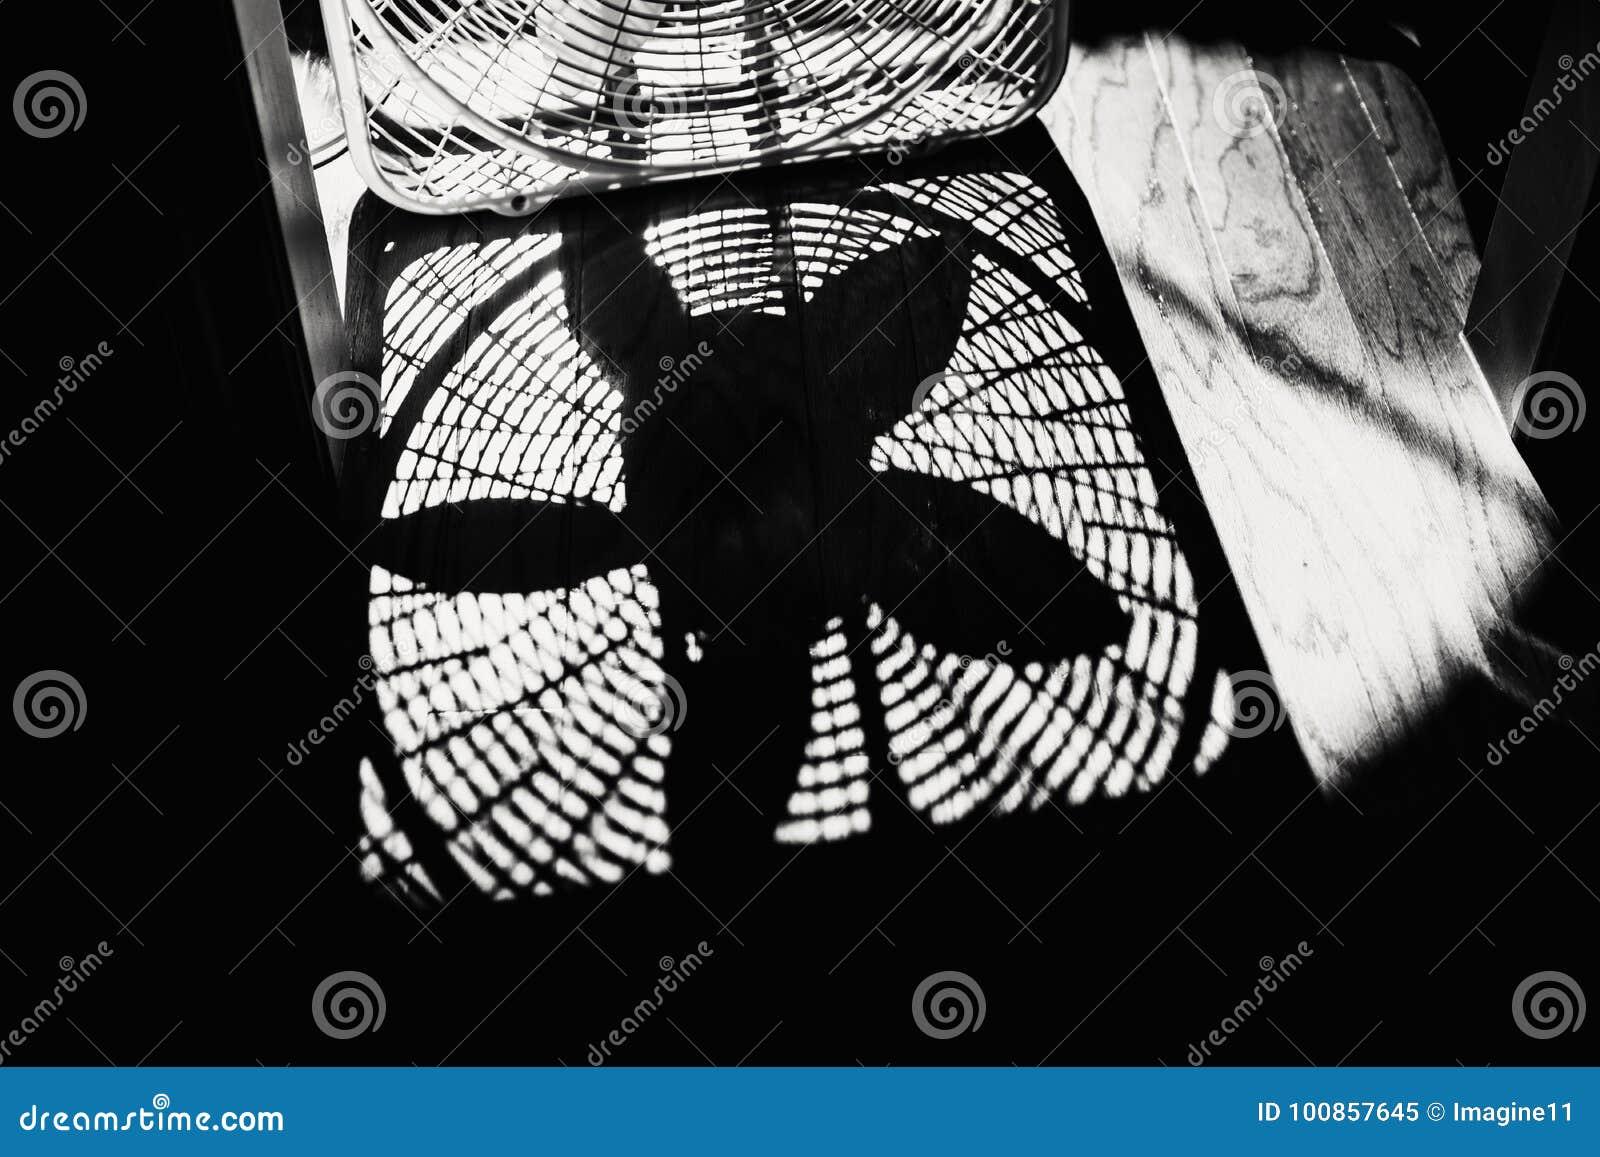 Σκιά ενός ανεμιστήρα κιβωτίων σε ένα ξύλινο πάτωμα